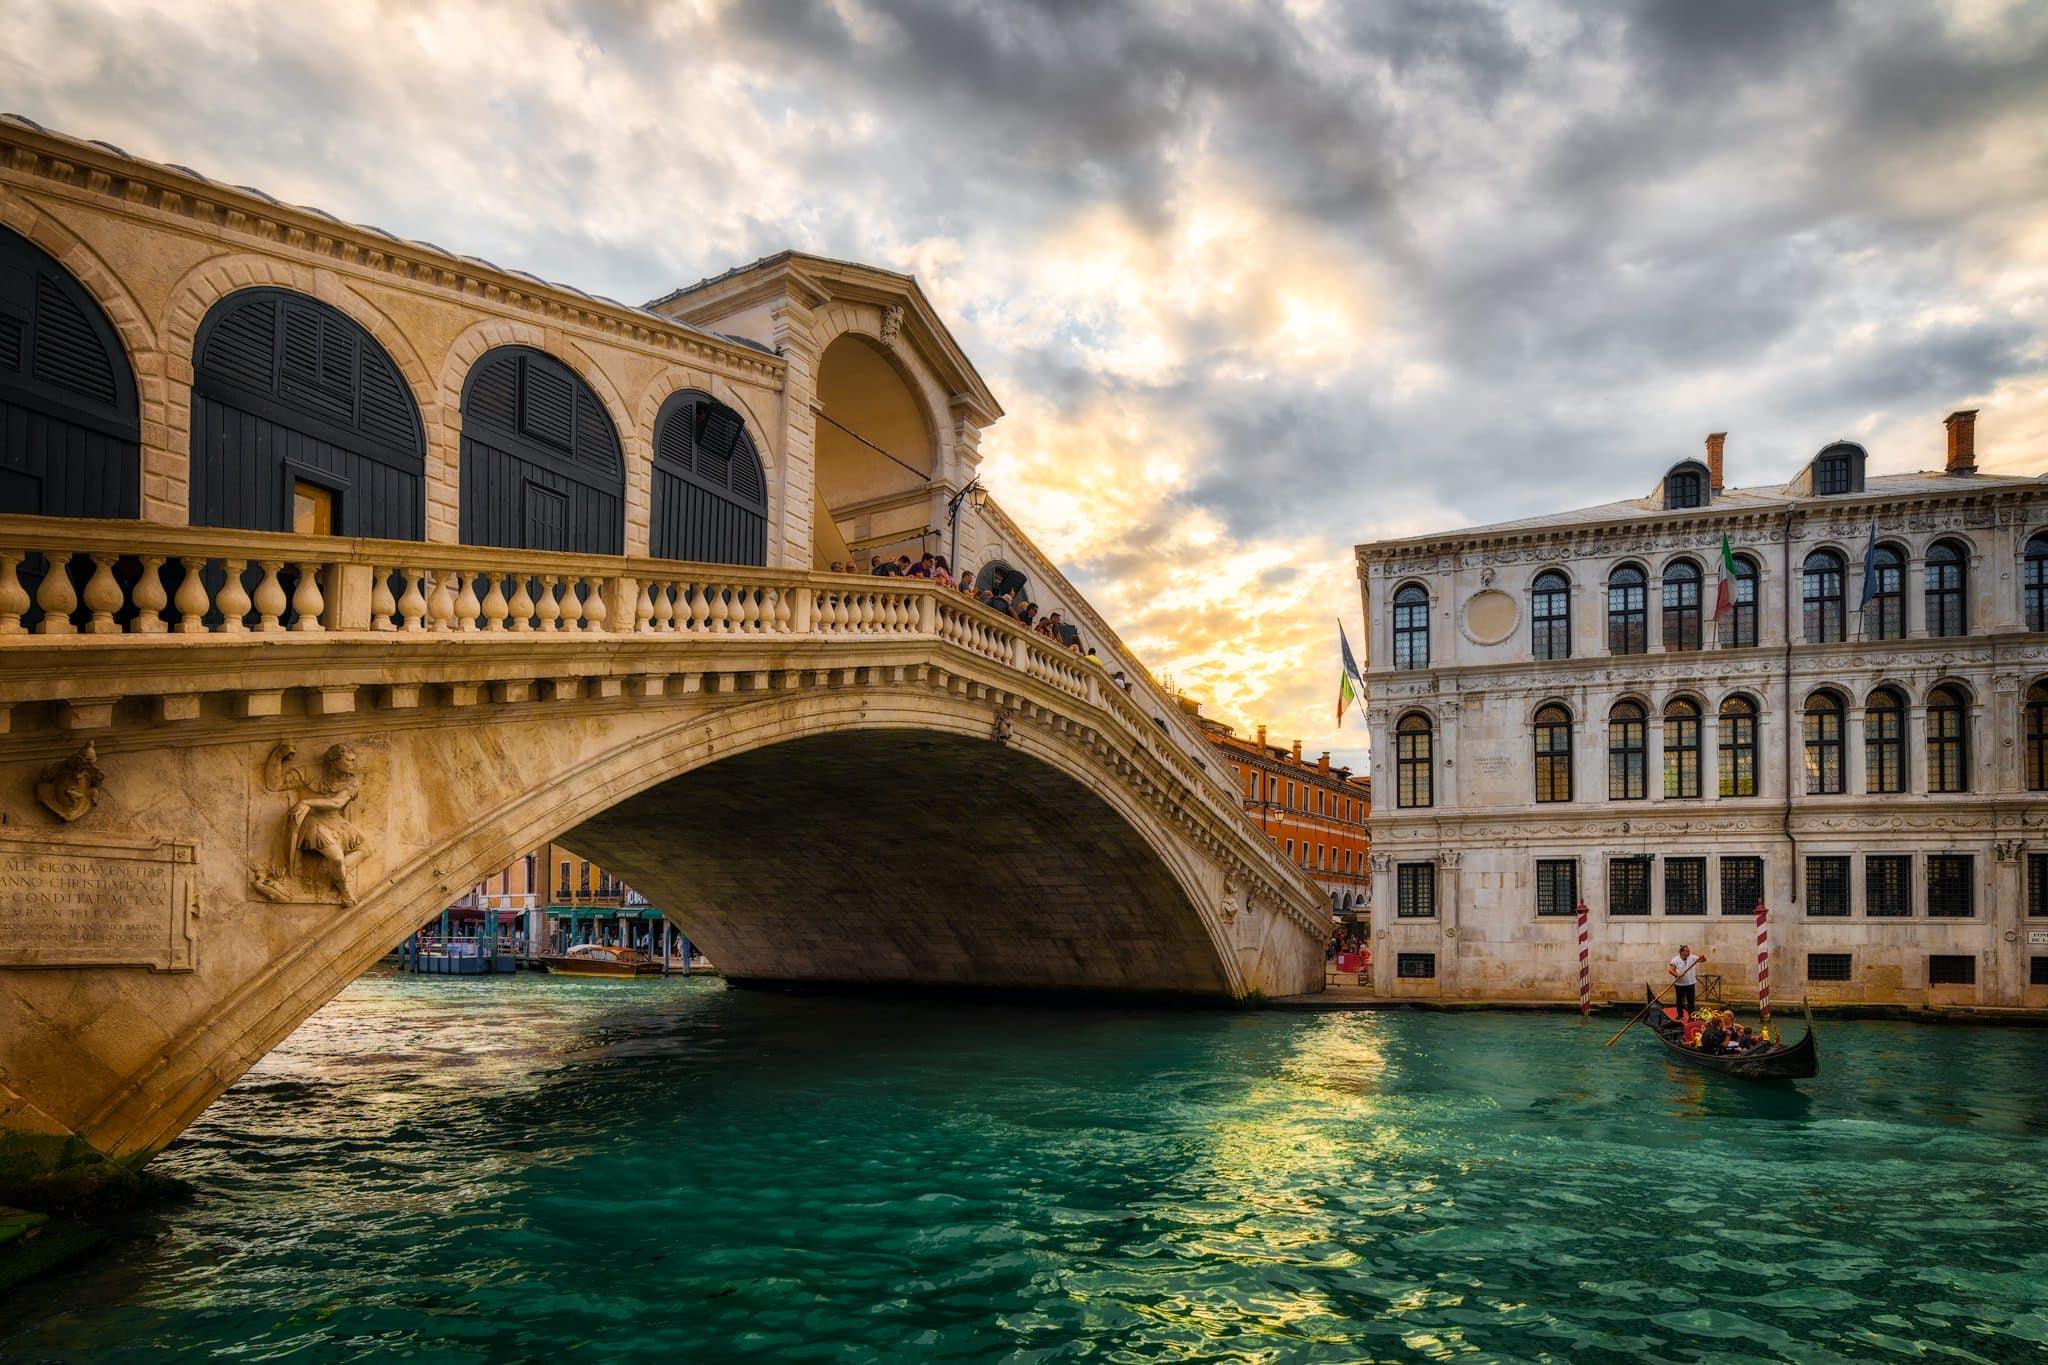 Мост через канал в Венеции